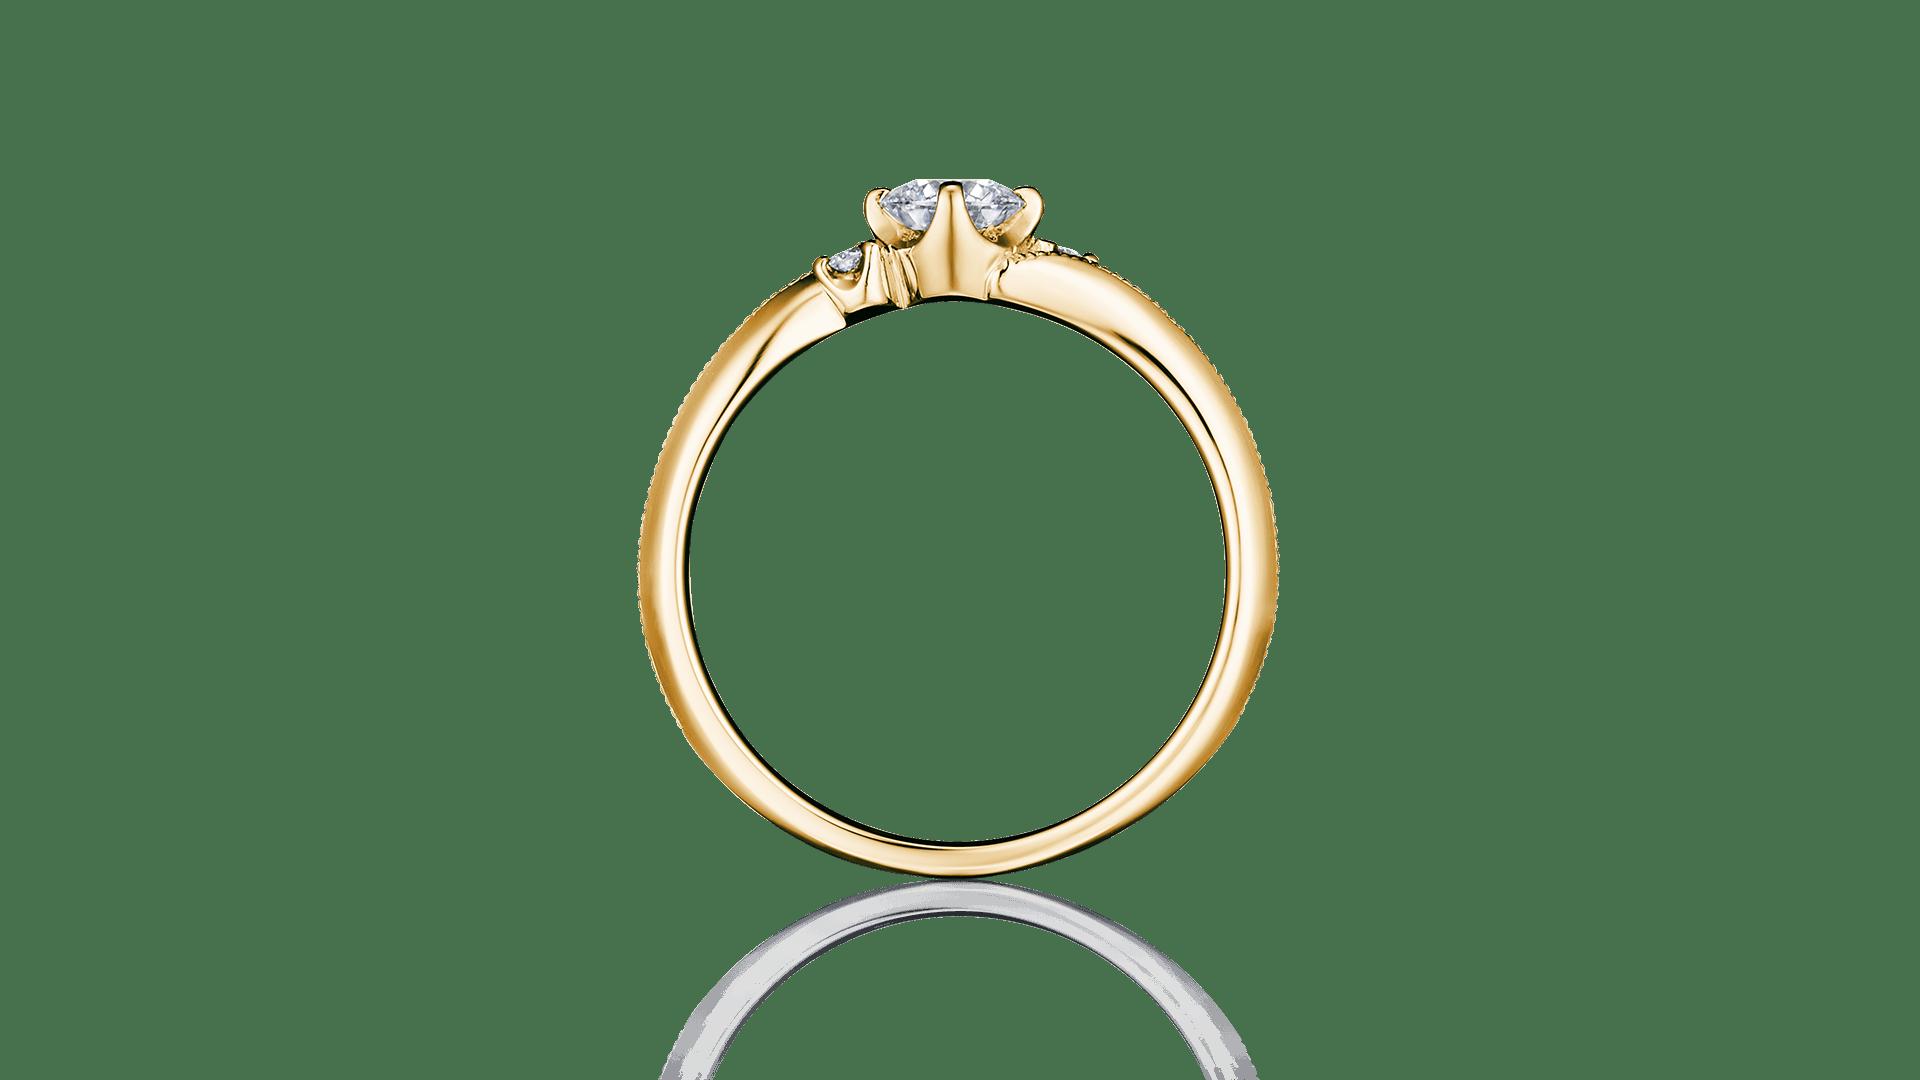 procyon プロキオン   婚約指輪サムネイル 2